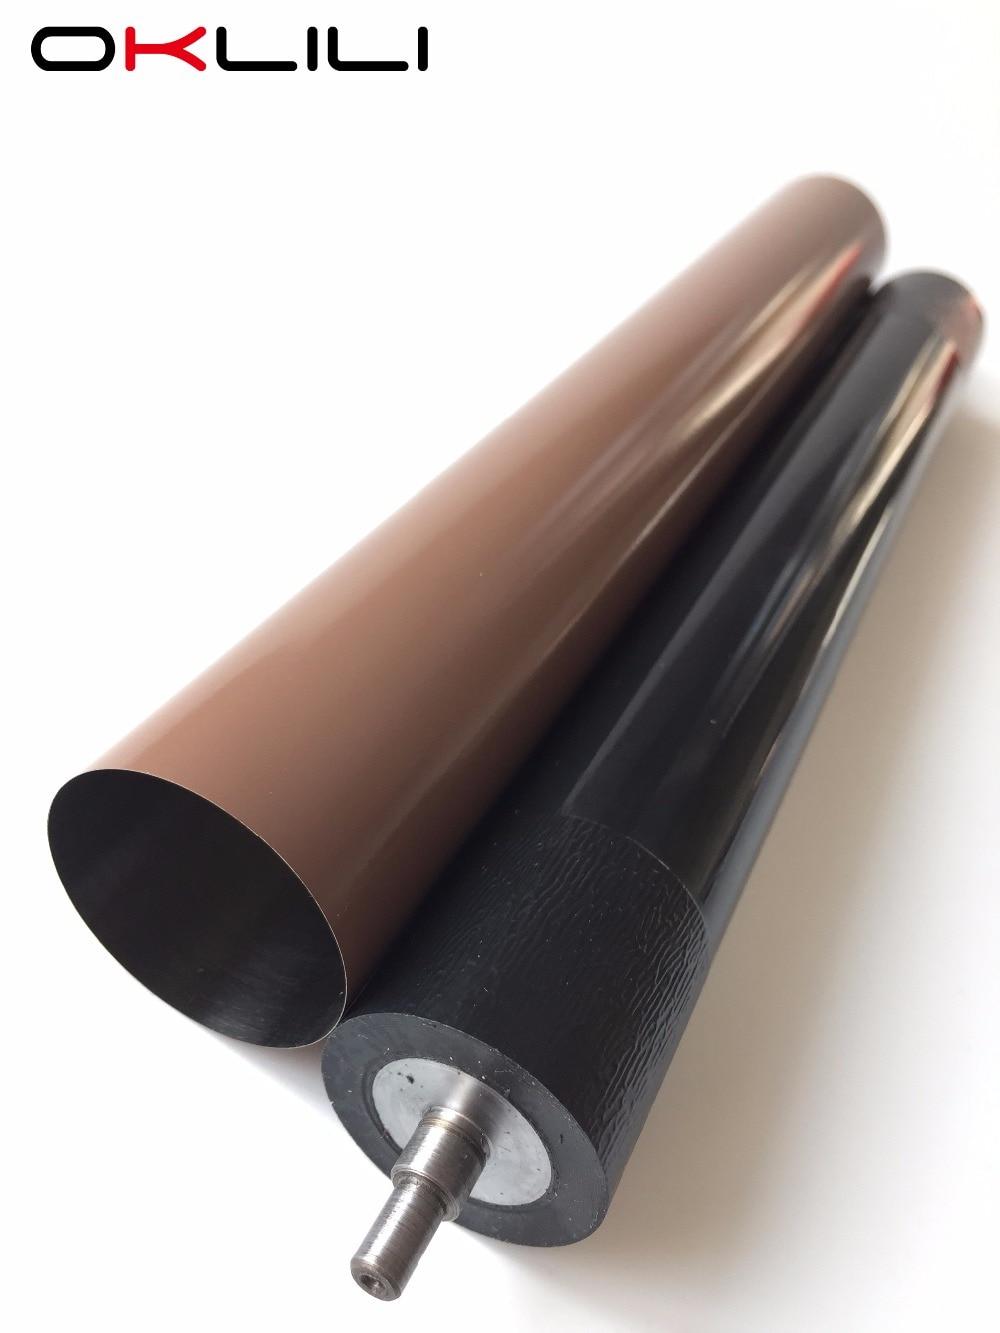 Fuser film sleeve + Pressure Roller for Brother HL-5440 5445 5450 6180 MFC-8510 8520 8710 8810 8910 8950 DCP-8110 8150 8155 8250